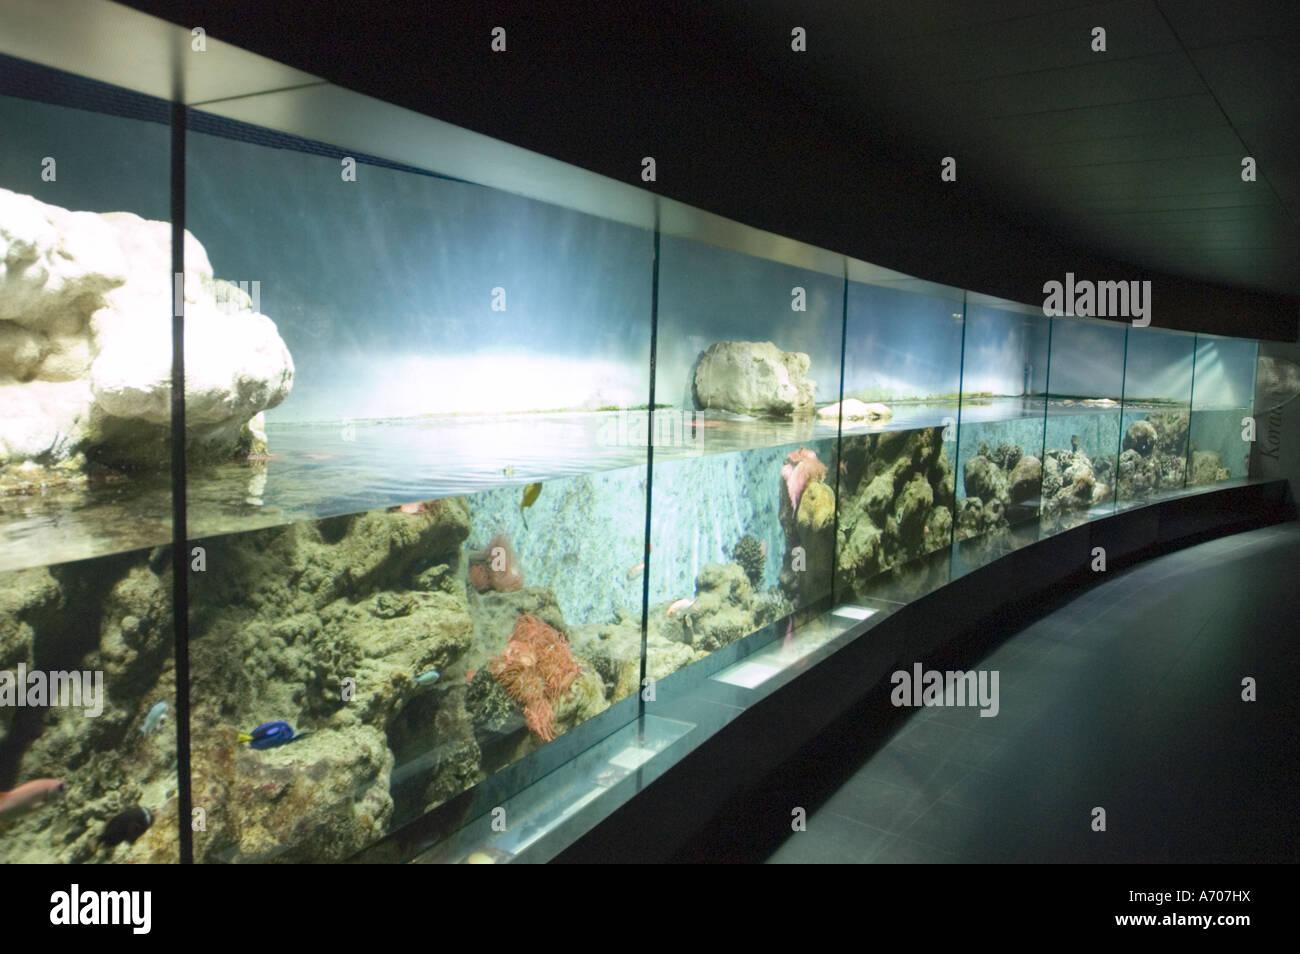 amsterdam aquarium